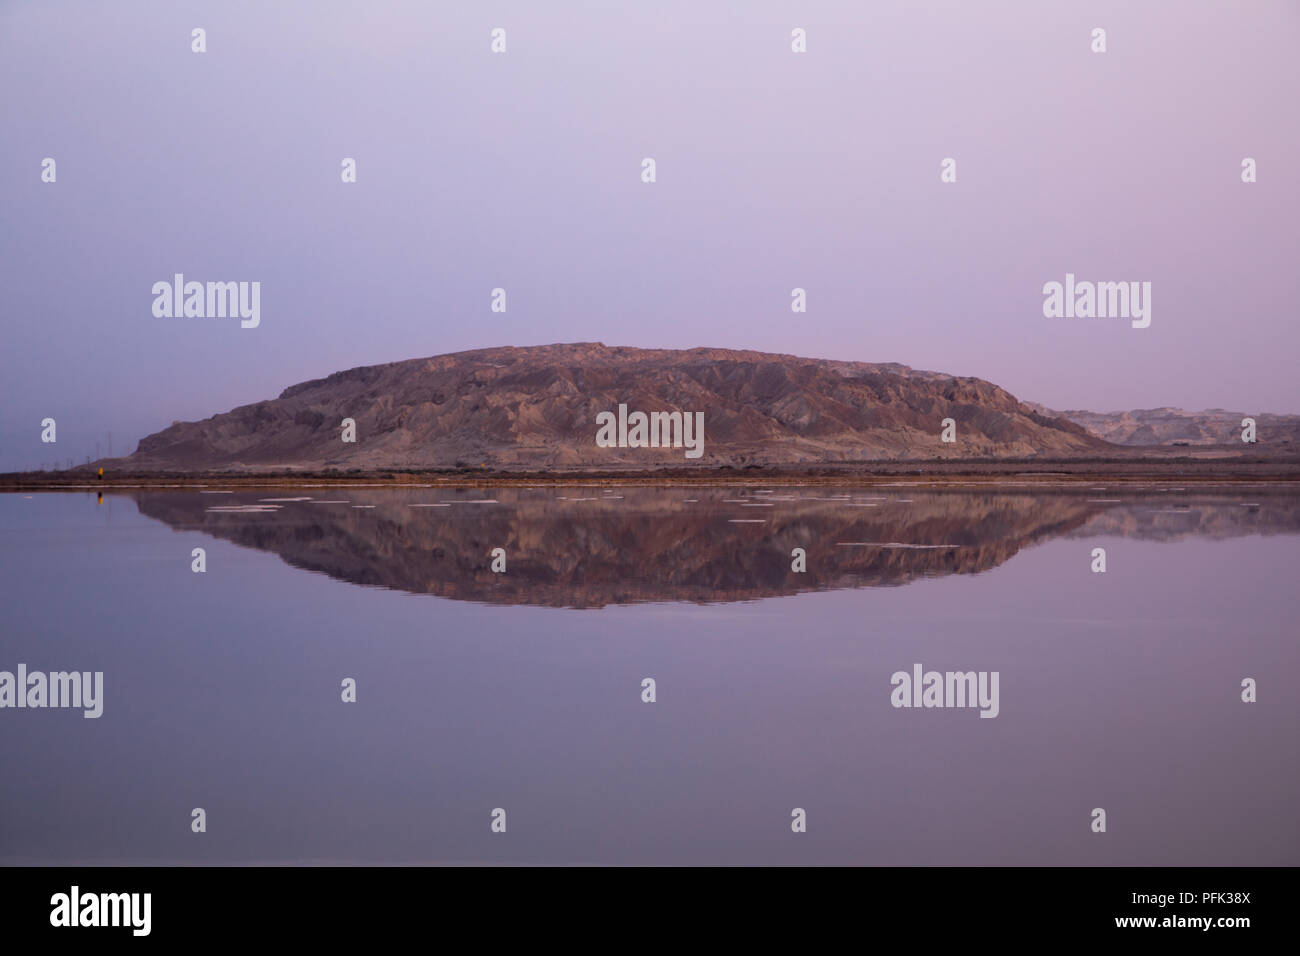 Großen Felsen, die aus dem Toten Meer, ruhige Reflexion während einer Rosa Dämmerung, Ein Bokek, Israel Stockbild